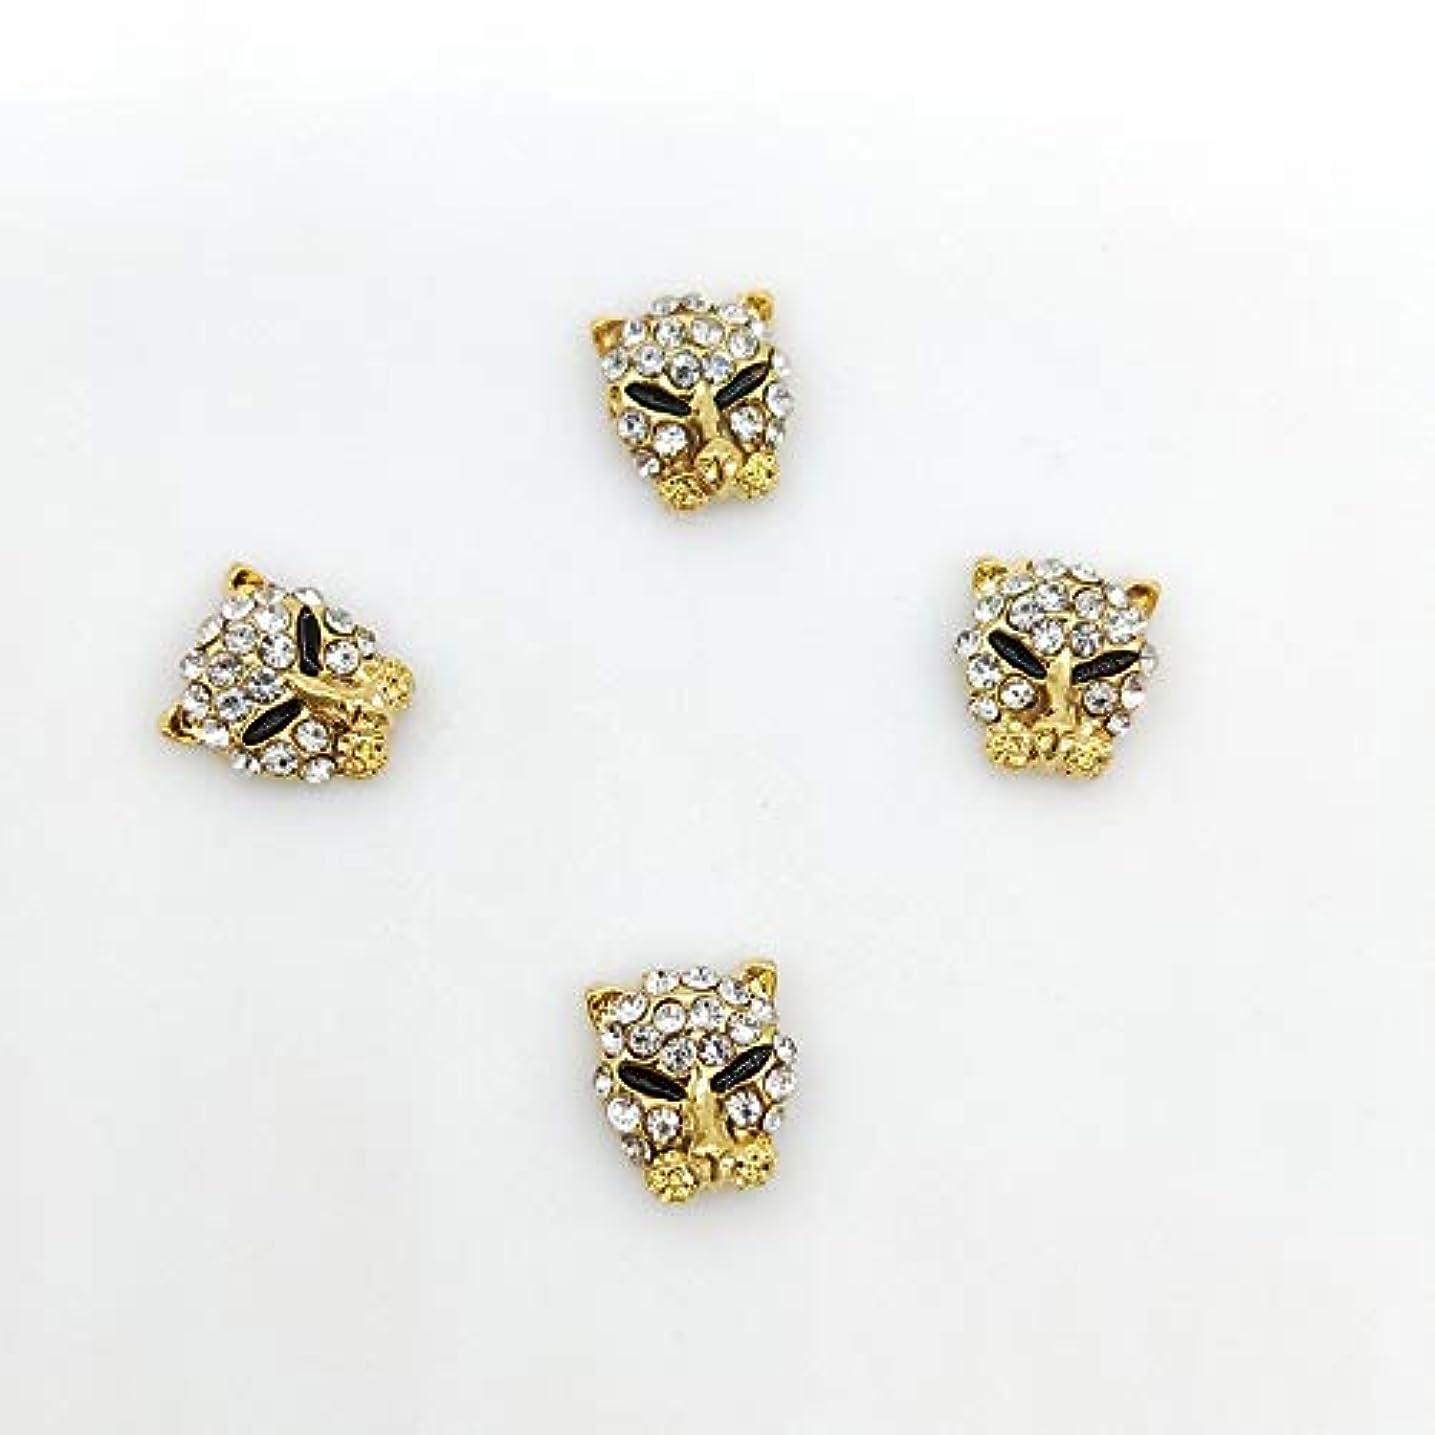 チャネルマルクス主義優先権10 PCS /バッグクリアラインストーンの釘のジュエリーLeopardの形状ネイルアートの装飾宝石の3D合金ネイルダイヤモンドDIYマニキュア